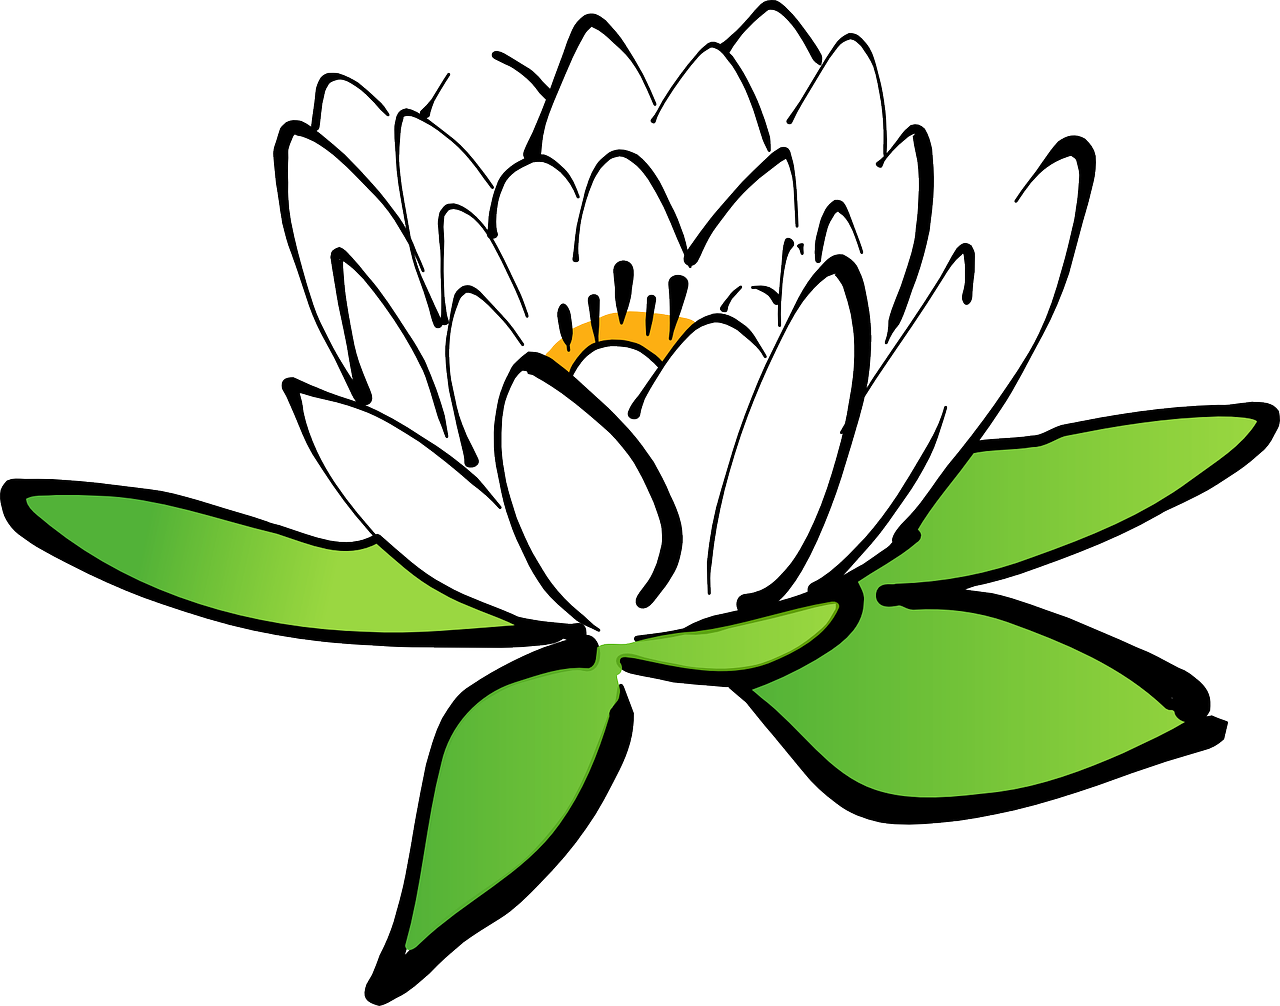 פרח מצויר